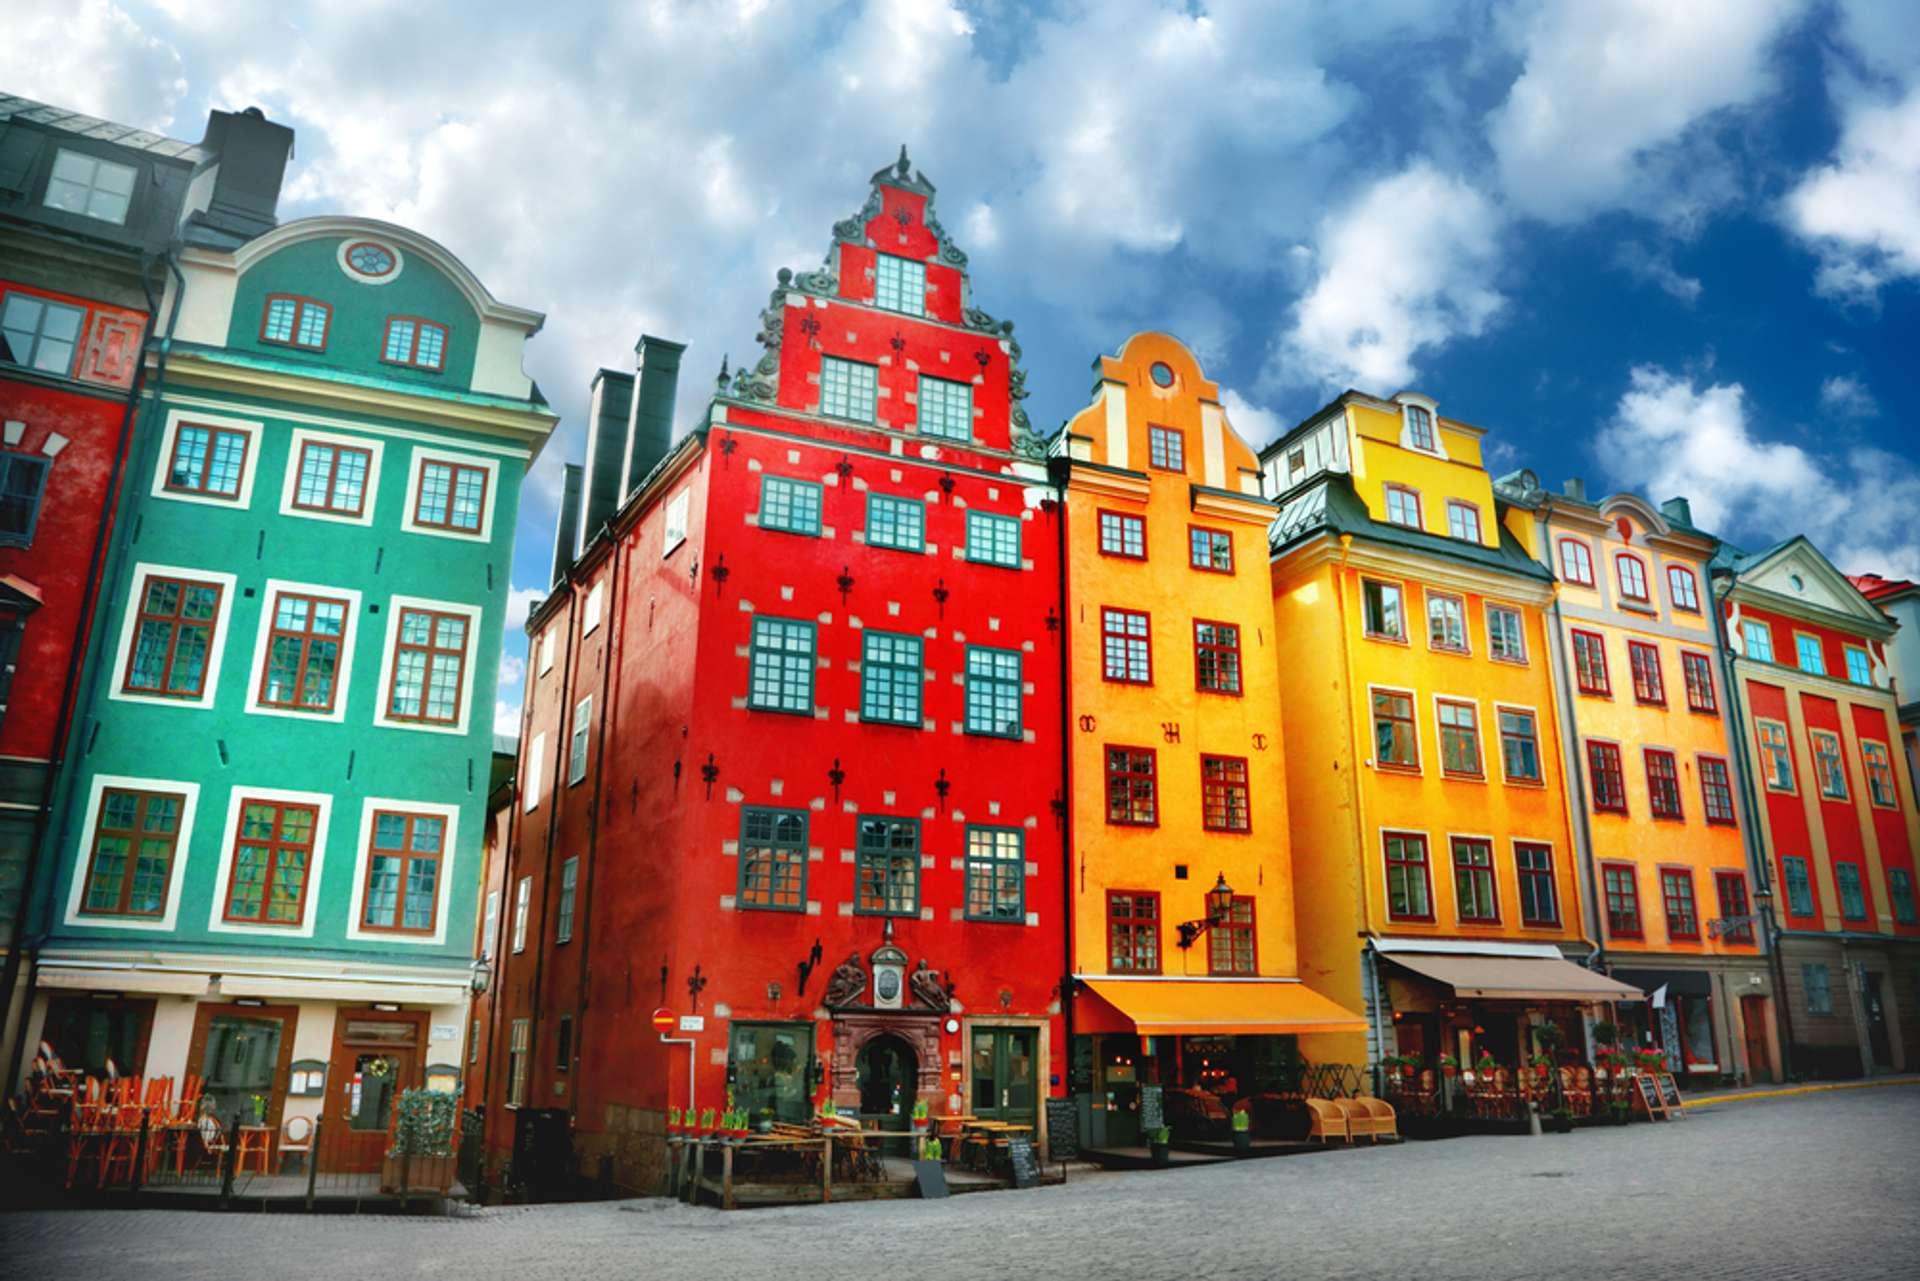 Zweden Stockholm Kleurrijke huizen1